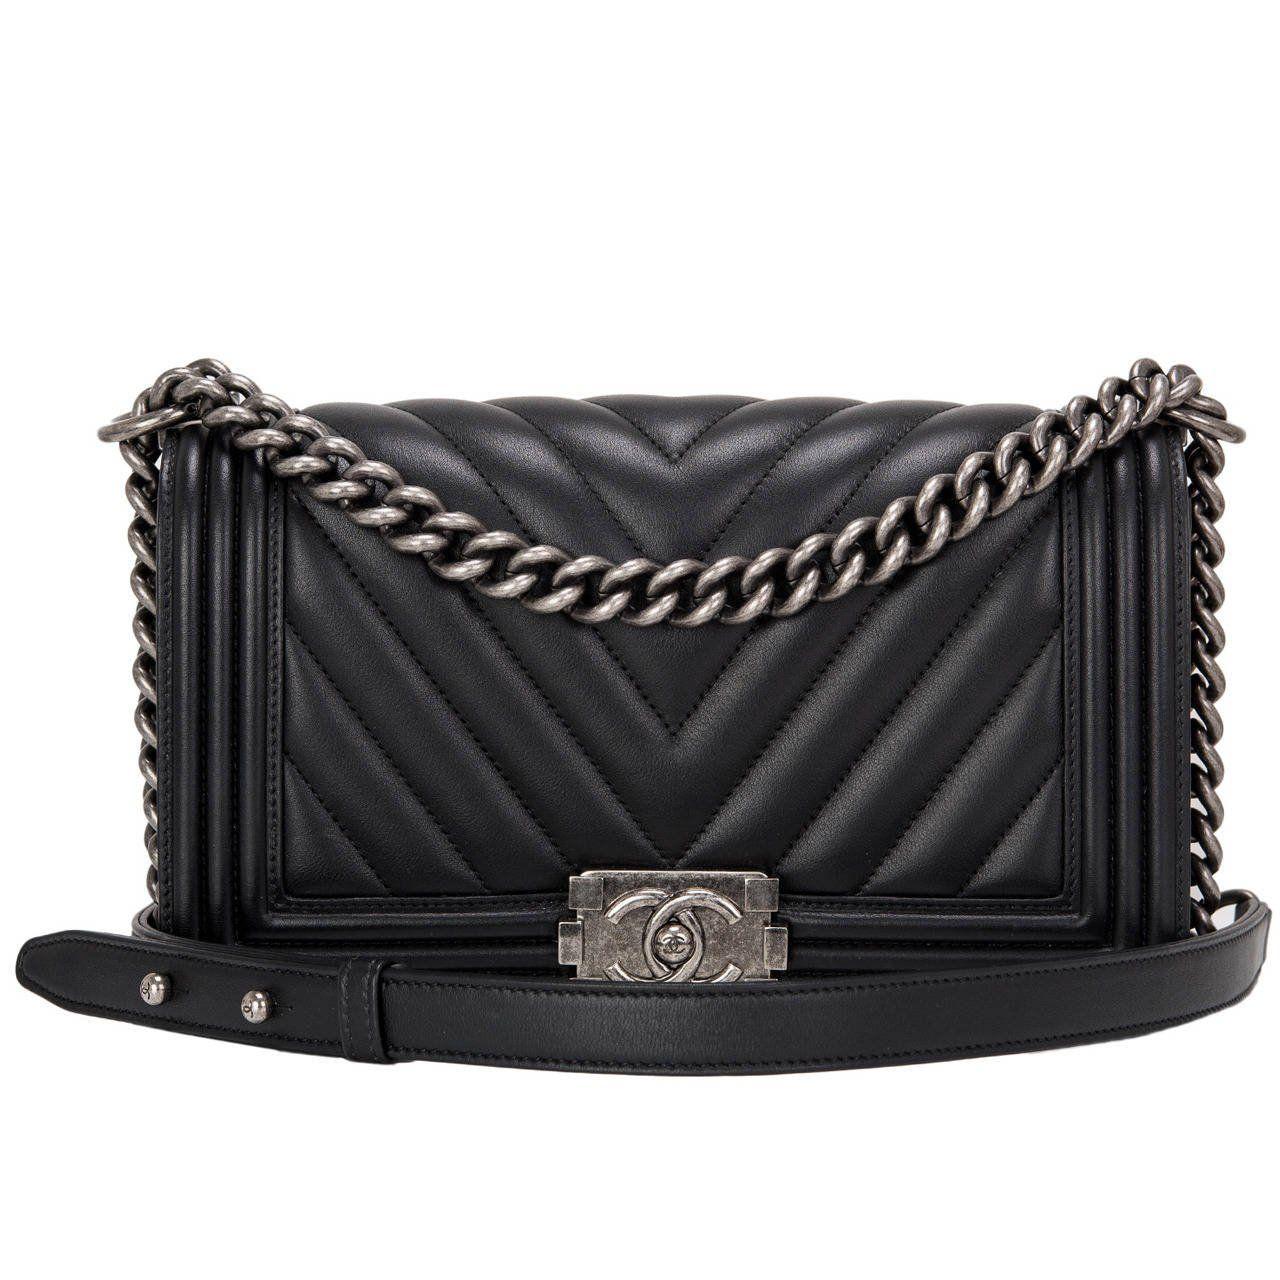 111fea3f7868 Chanel Black Caviar New Medium Boy Bag in 2019 | Luxe Love | Chanel boy bag  medium, Chanel black, Bags